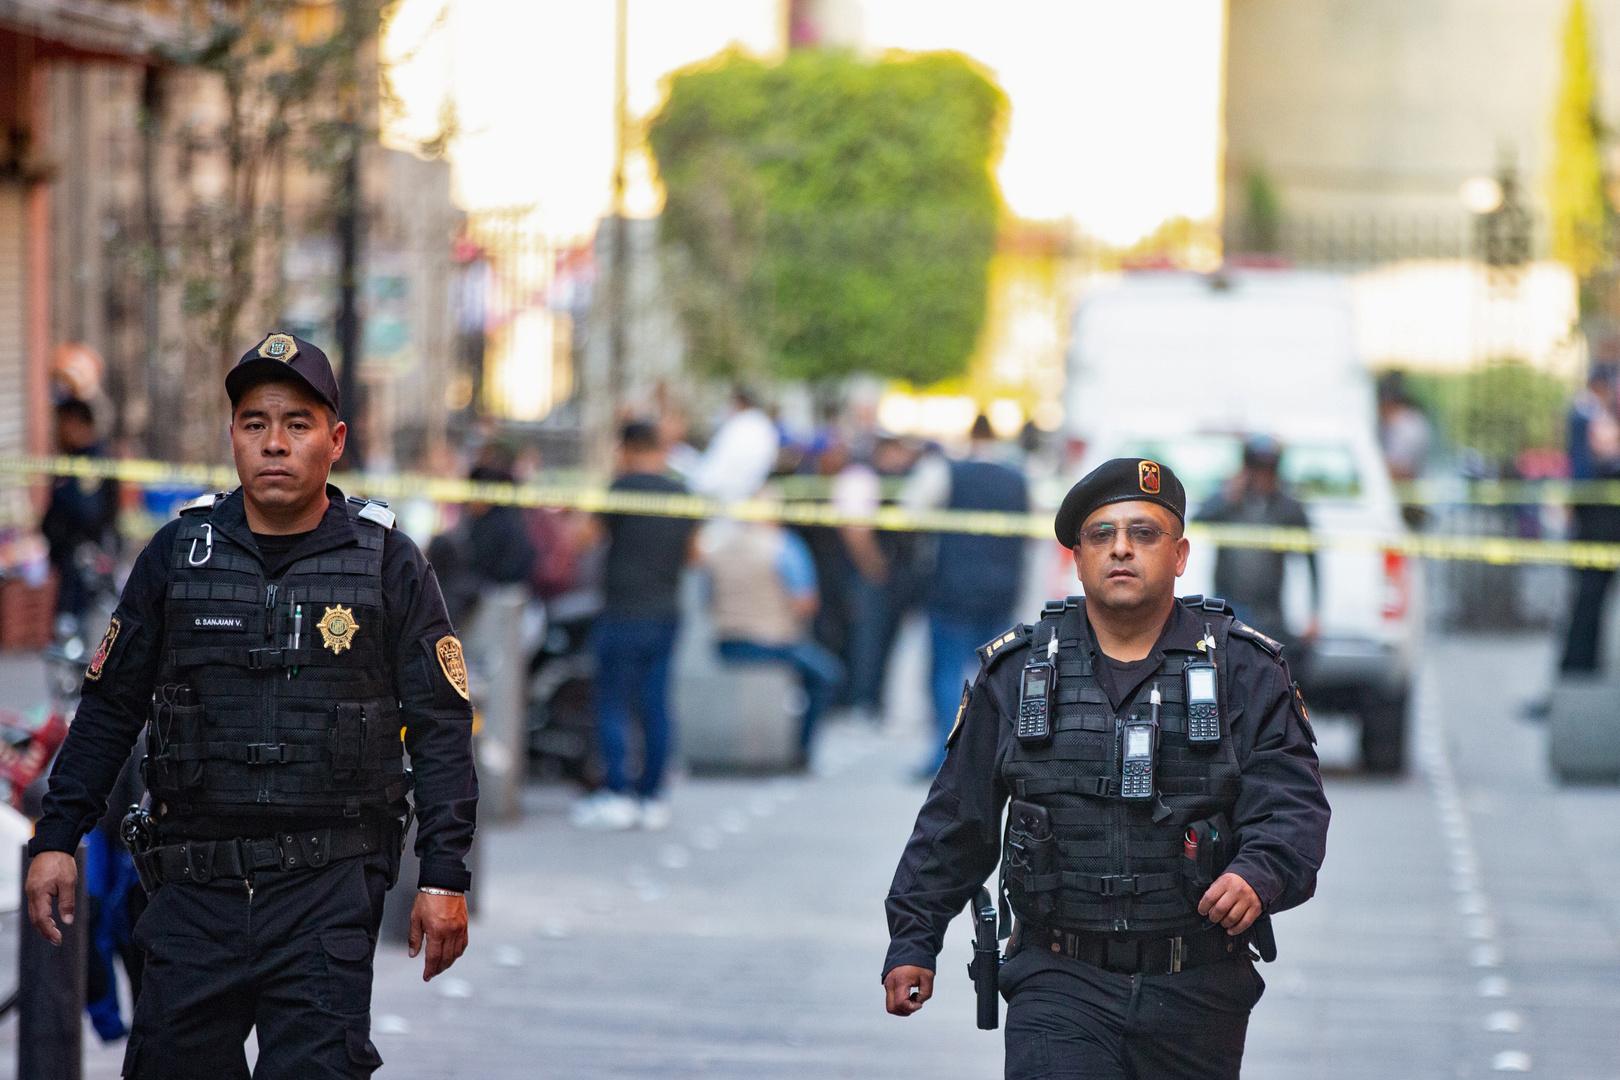 وفاة شاب بولندي في المكسيك بعد انتزاع أعضائه